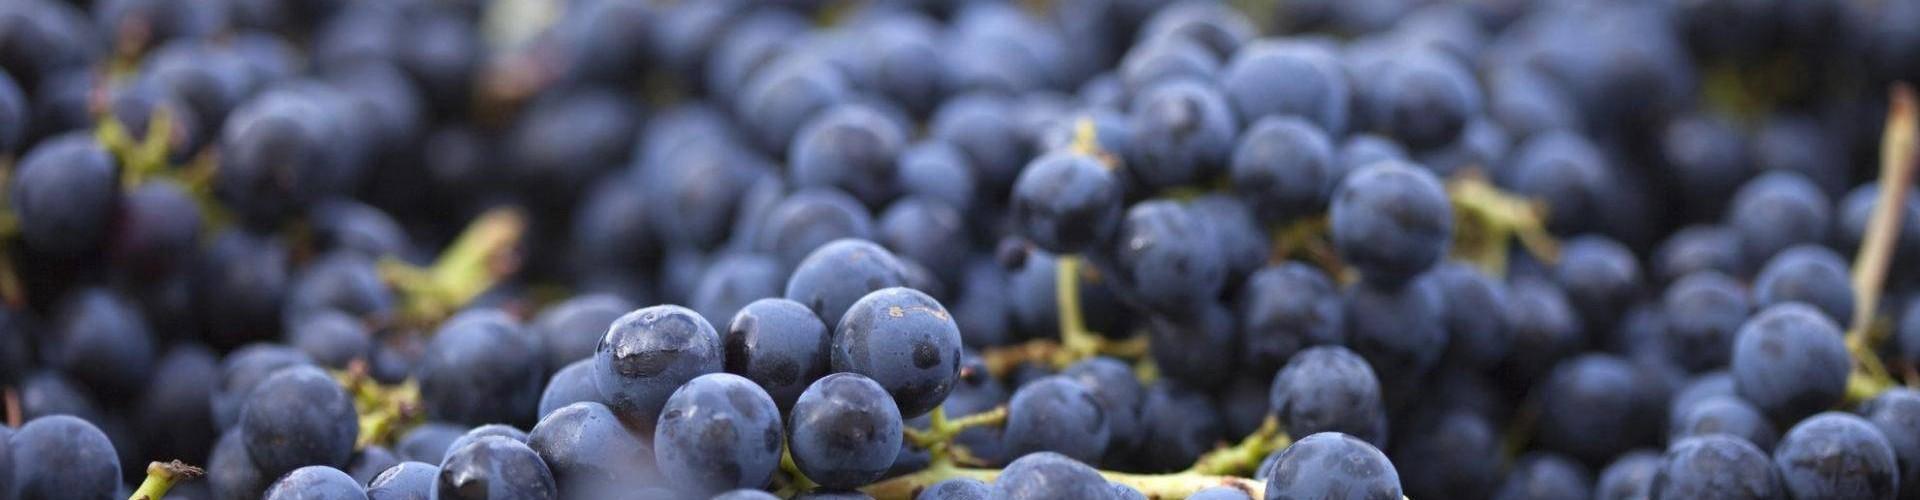 Le uve Nebbiolo valtellinesi da cui si ottiene lo Sforzato di Valtellina DOCG